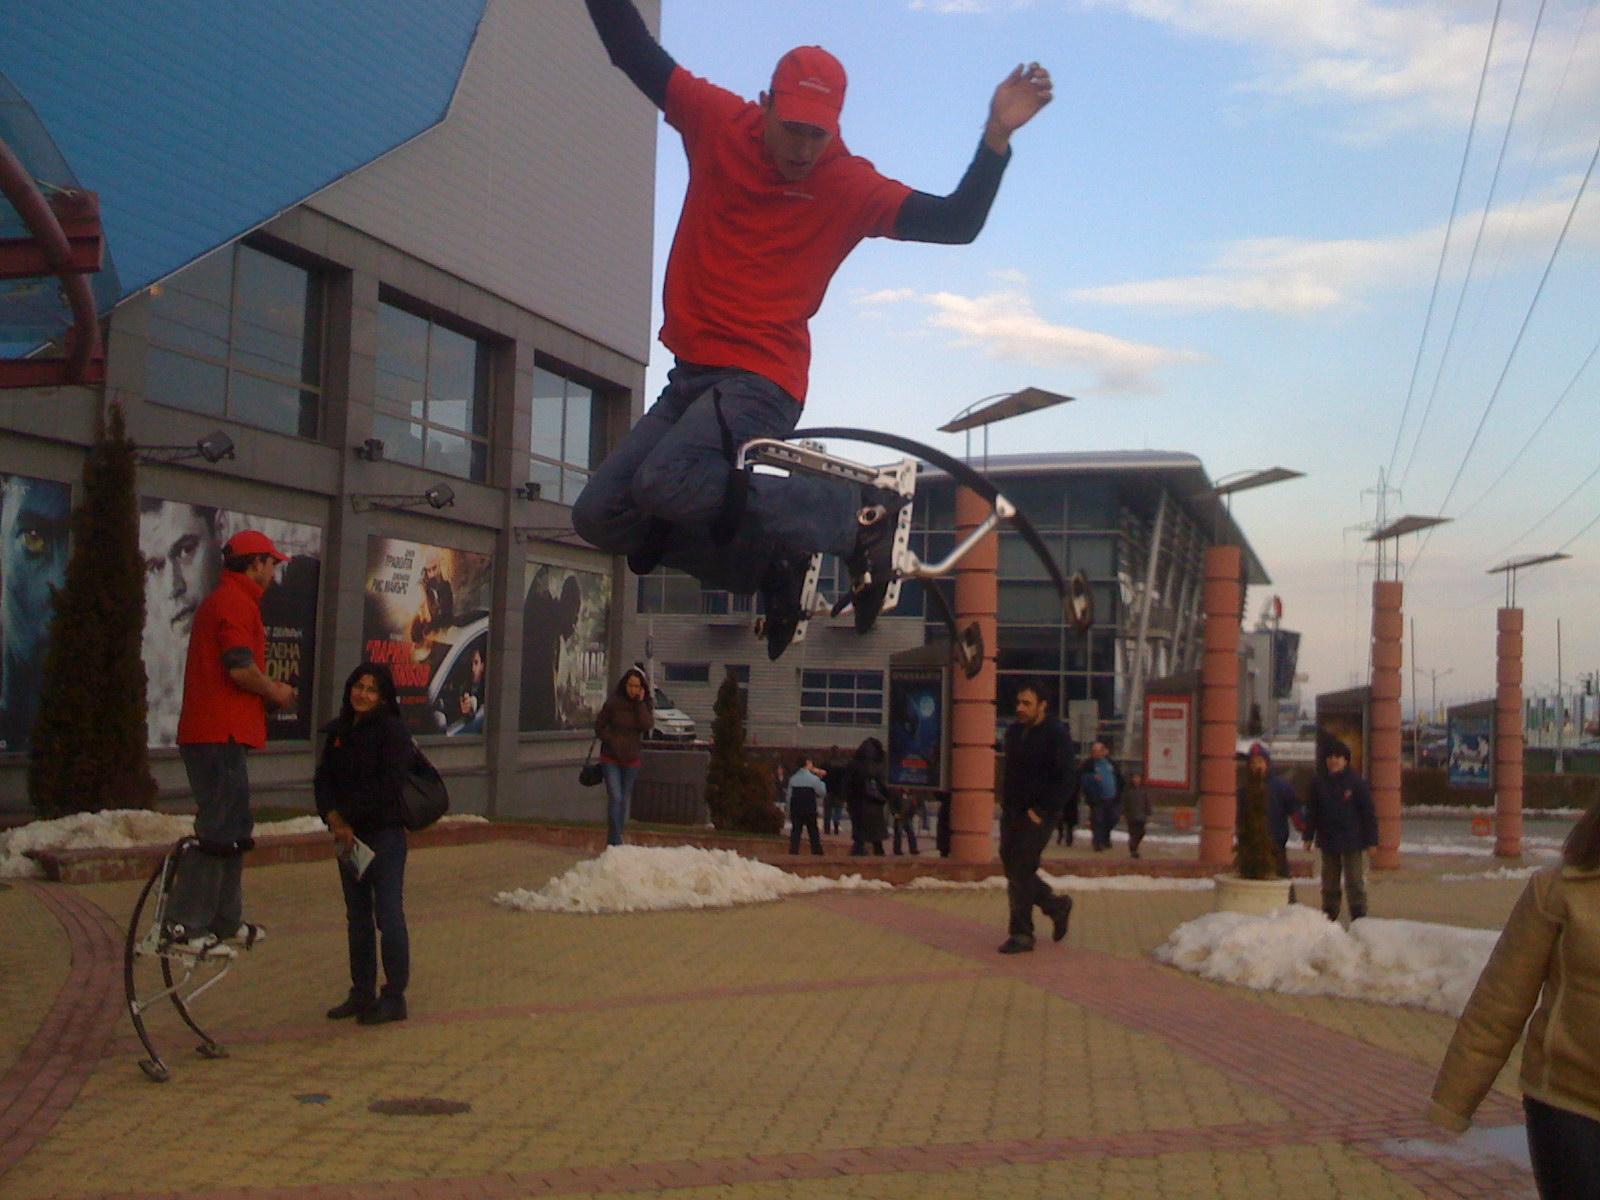 Air Jumper - ново екстремно забавление в градска среда